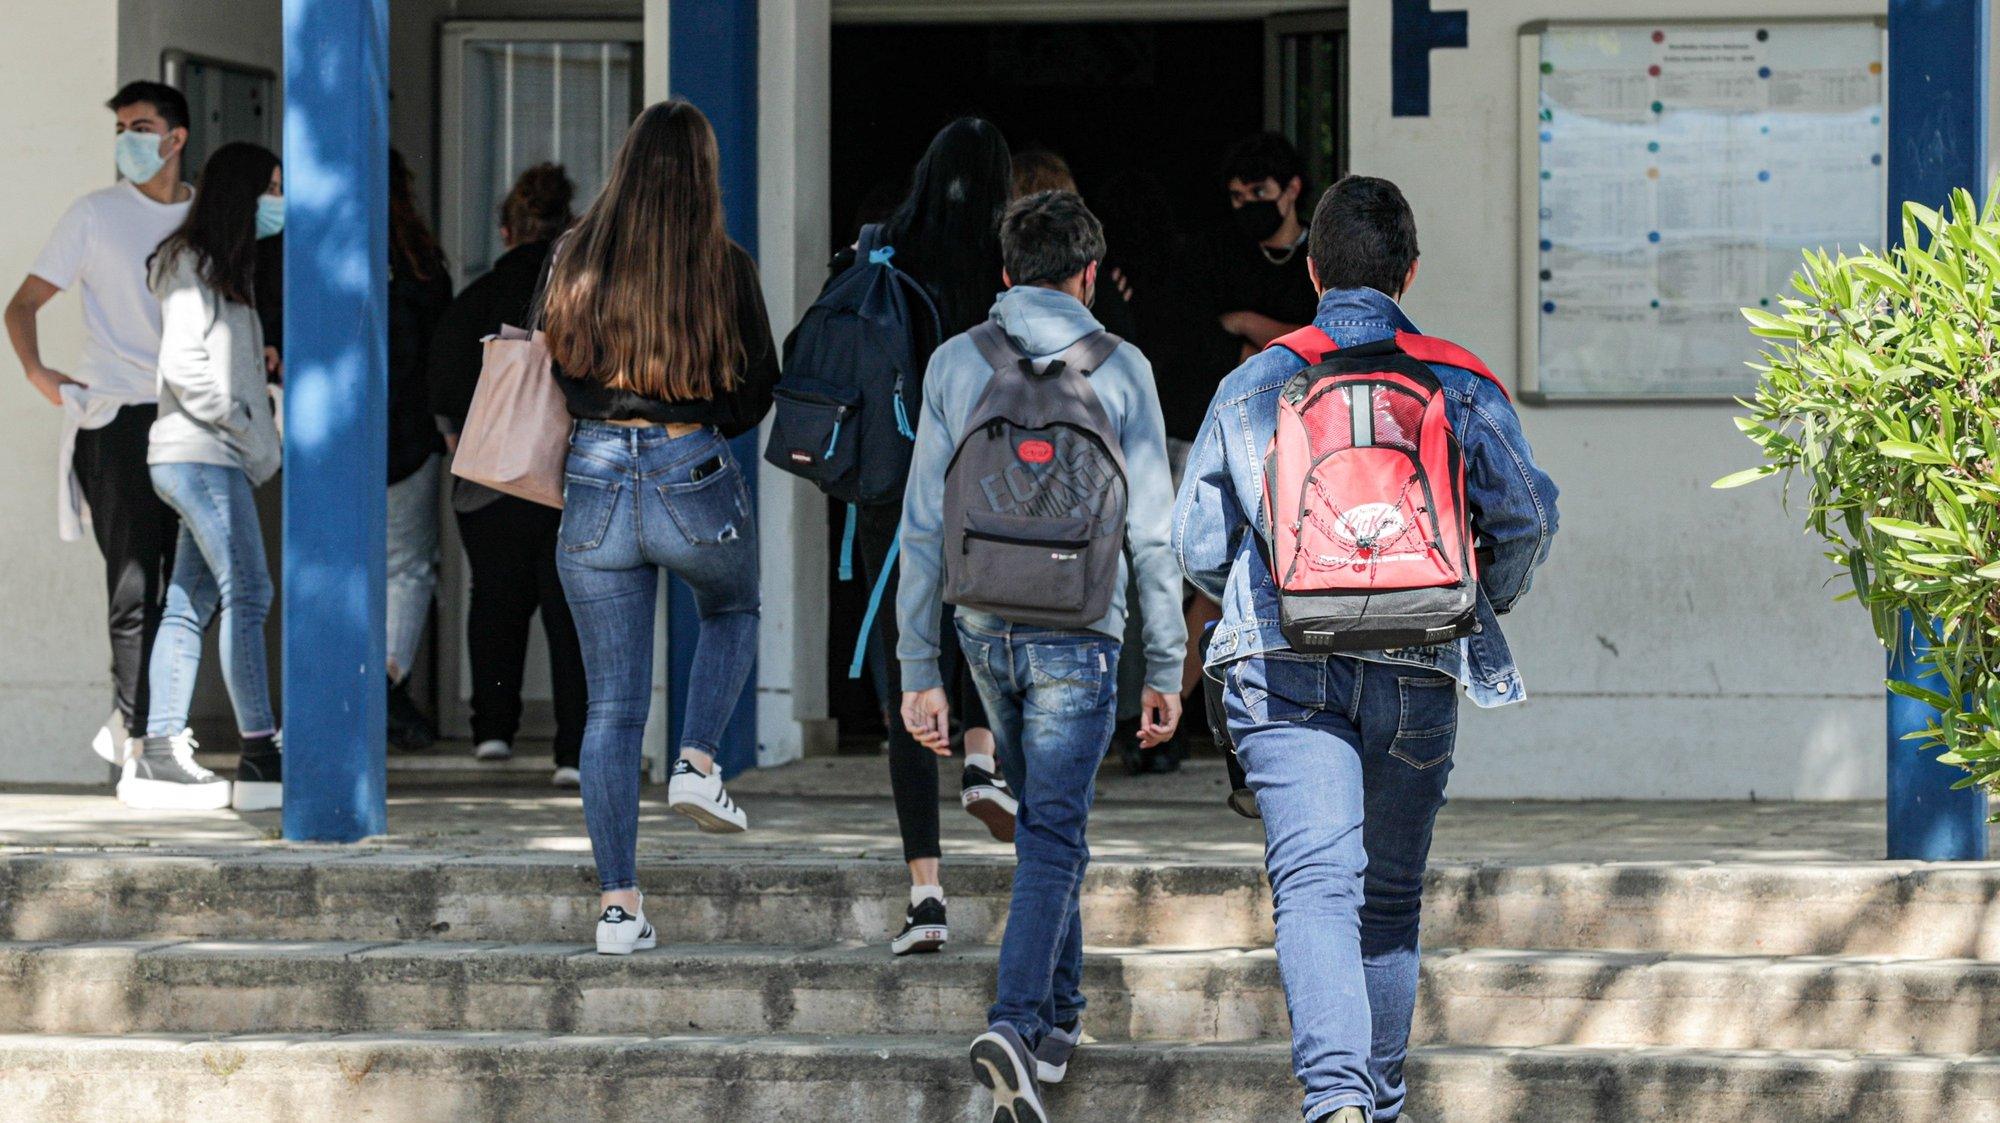 Alunos à entrada da Escola Secundária de Albufeira, no dia do regresso às aulas do ensino secundário, no âmbito das novas medidas de desconfinamento relacionadas com a pandemia da covid-19, em Albufeira, 19 de abril de 2021. Portugal inicia hoje a terceira fase do desconfinamento com a reabertura de mais escolas, lojas, restaurantes e cafés, um levantamento de restrições que não é acompanhado nos 10 concelhos onde a incidência da covid-19 é maior. LUÍS FORRA/LUSA